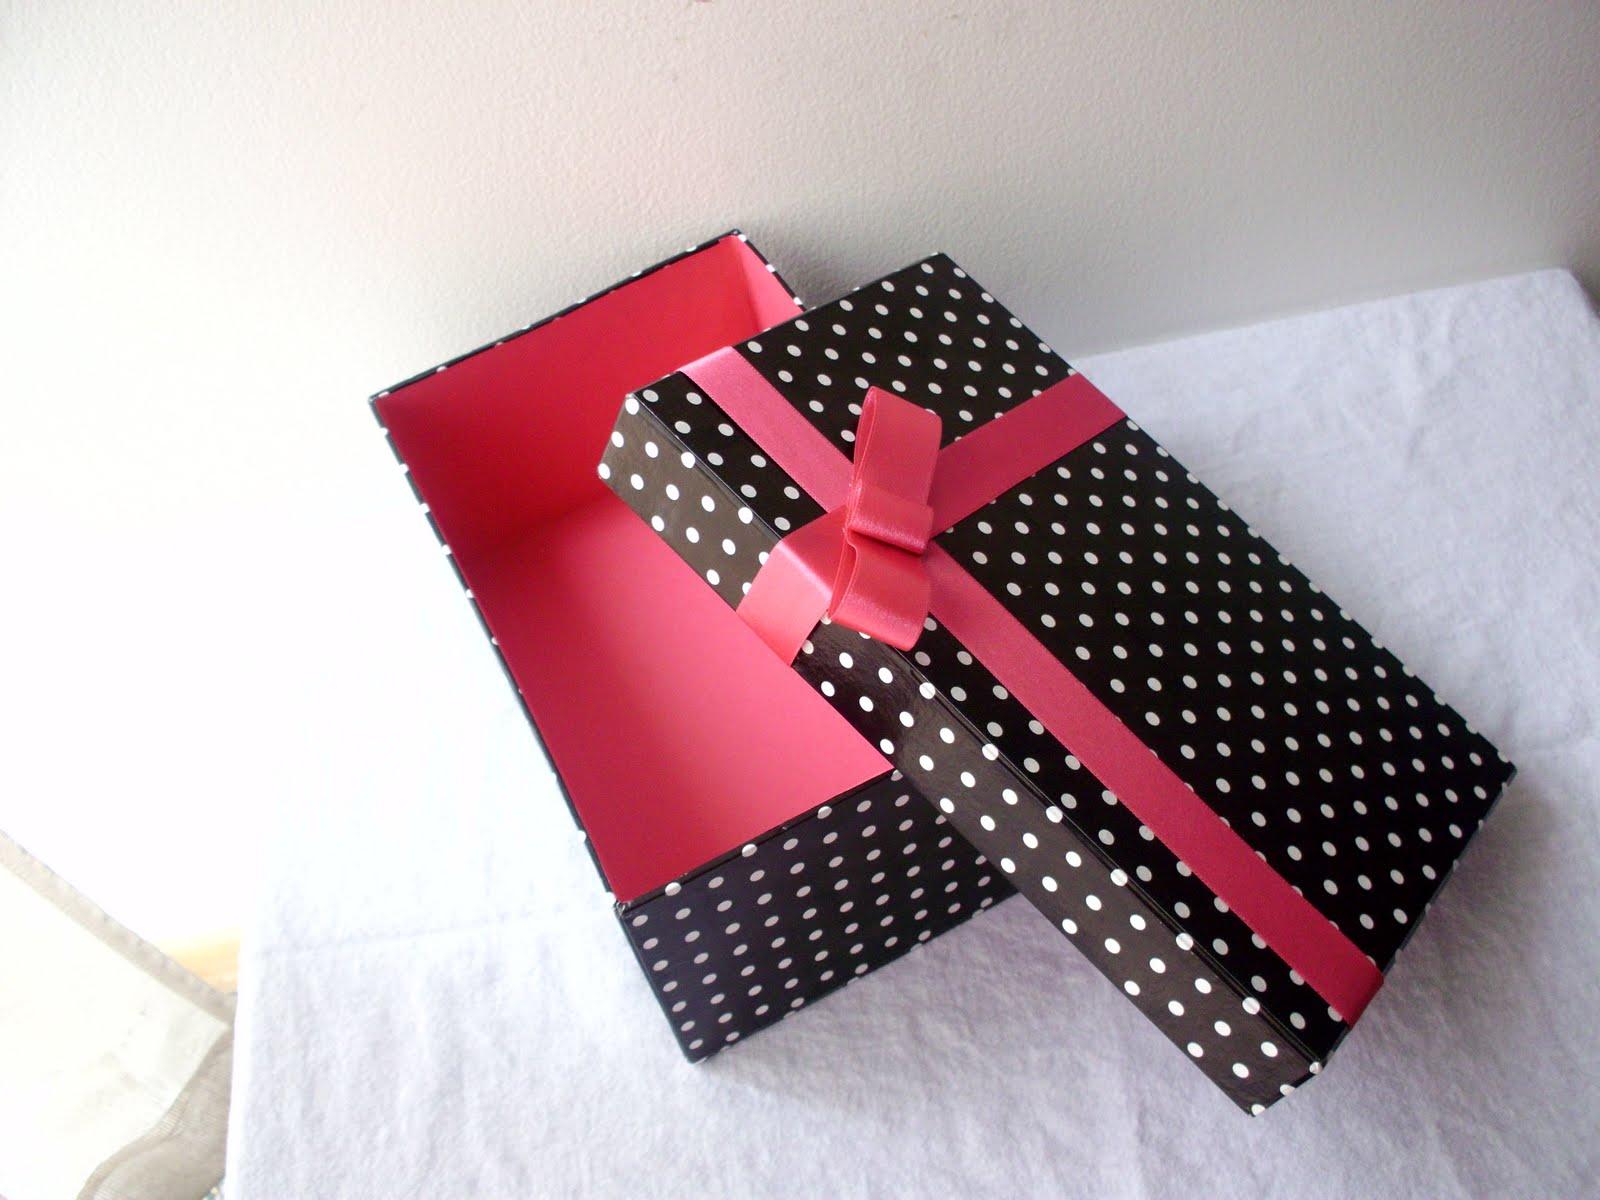 cudet cajas decorativas cajas para regalos. Black Bedroom Furniture Sets. Home Design Ideas